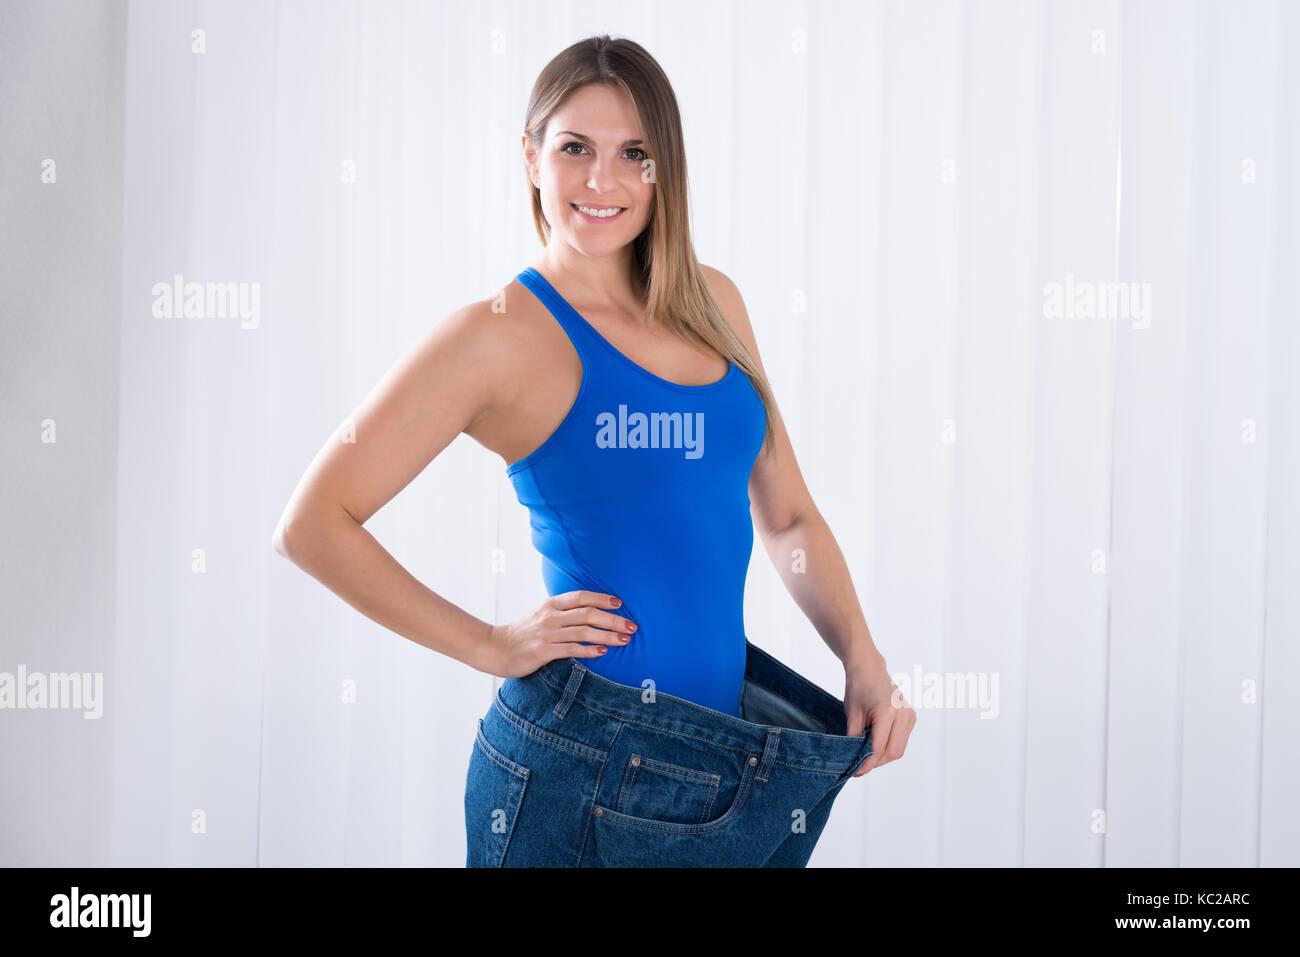 Happy young woman showing her amaigrissement en portant des vieux jeans Photo Stock